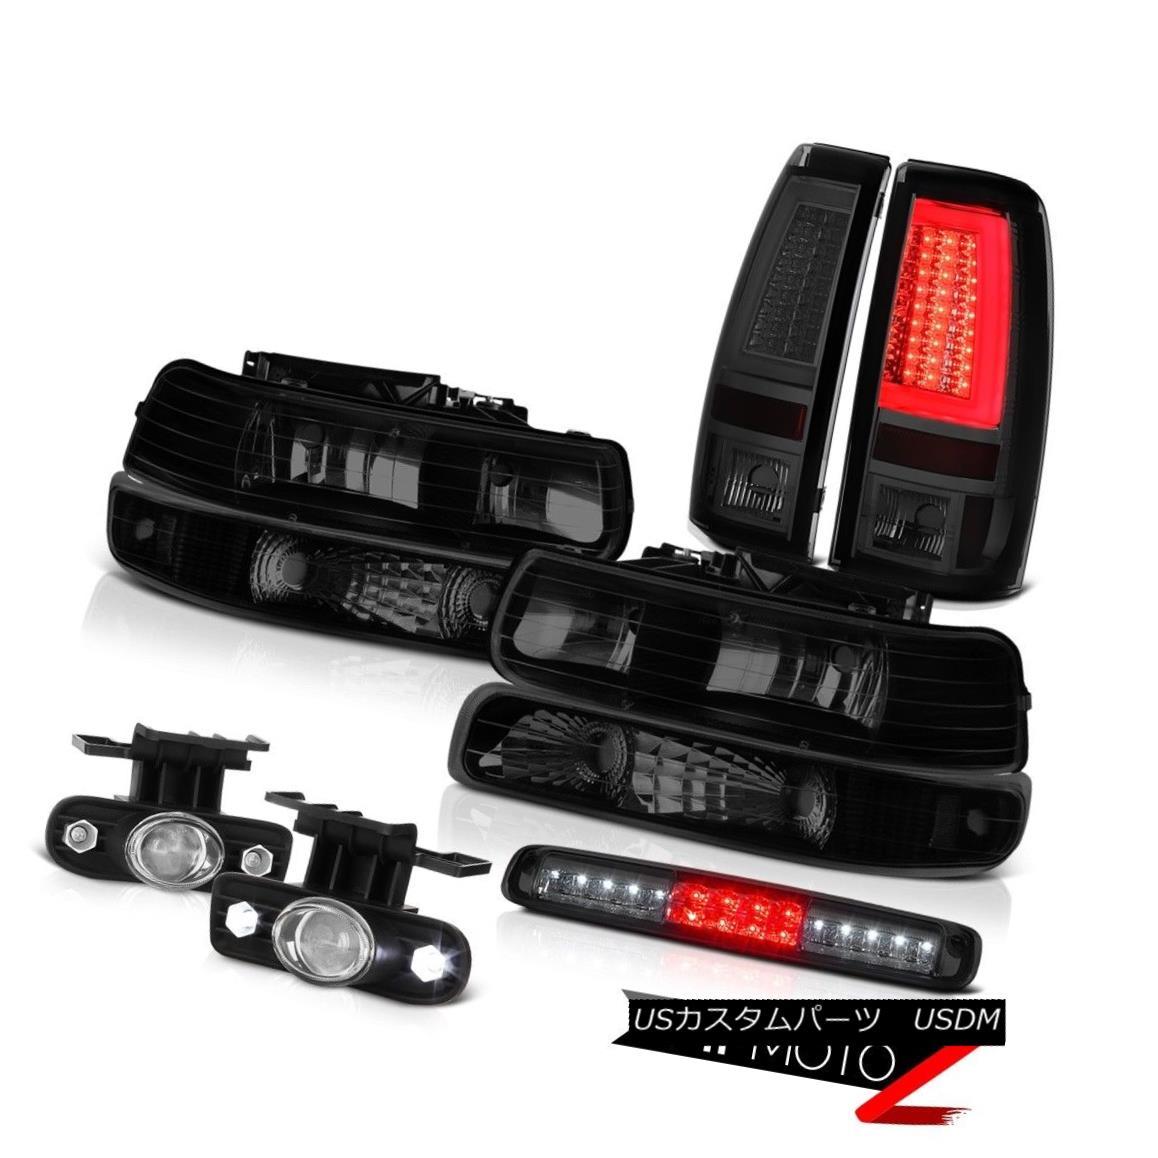 テールライト 99-02 Silverado 4.3L Taillights Headlights Bumper 3rd Brake Light Fog Lamps LED 99-02 Silverado 4.3Lテールライトヘッドライトバンパー第3ブレーキライトフォグランプLED